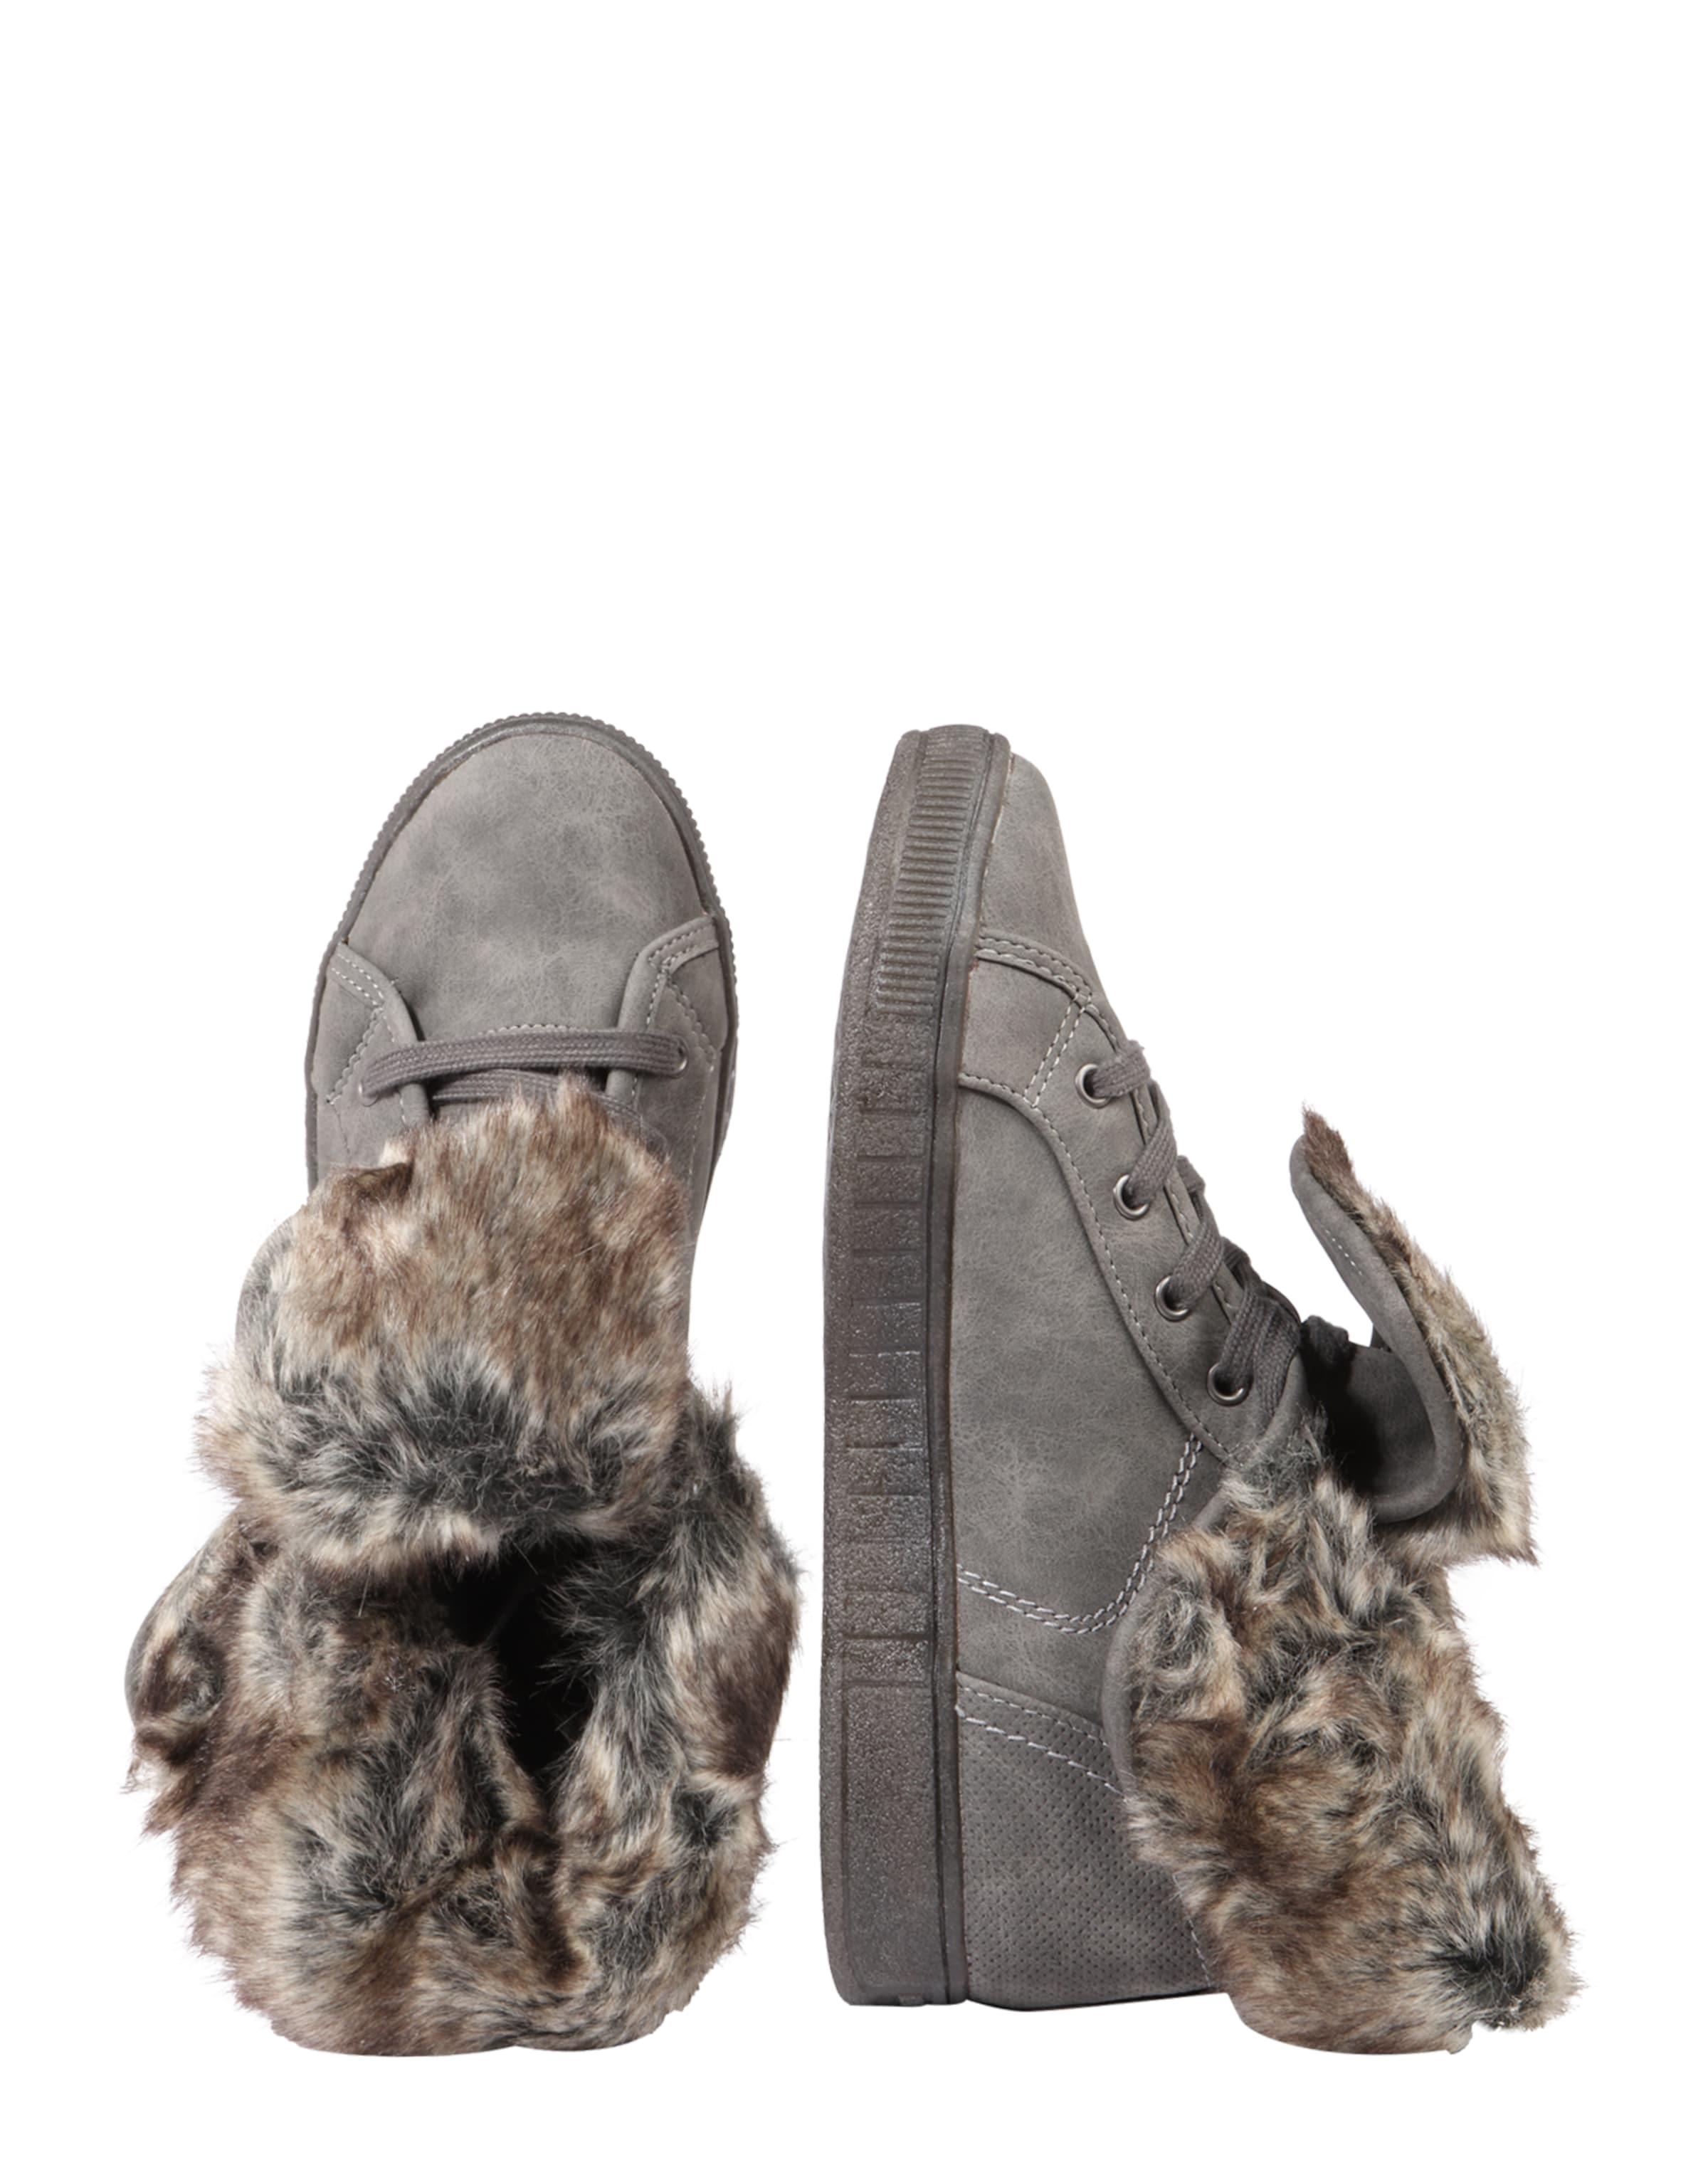 Dockers by Gerli 41CE307-635430 Sneakers Günstig Versandkosten Finish Online Wählen Sie Einen Besten Online-Verkauf Billige Nicekicks LRAGFh6C